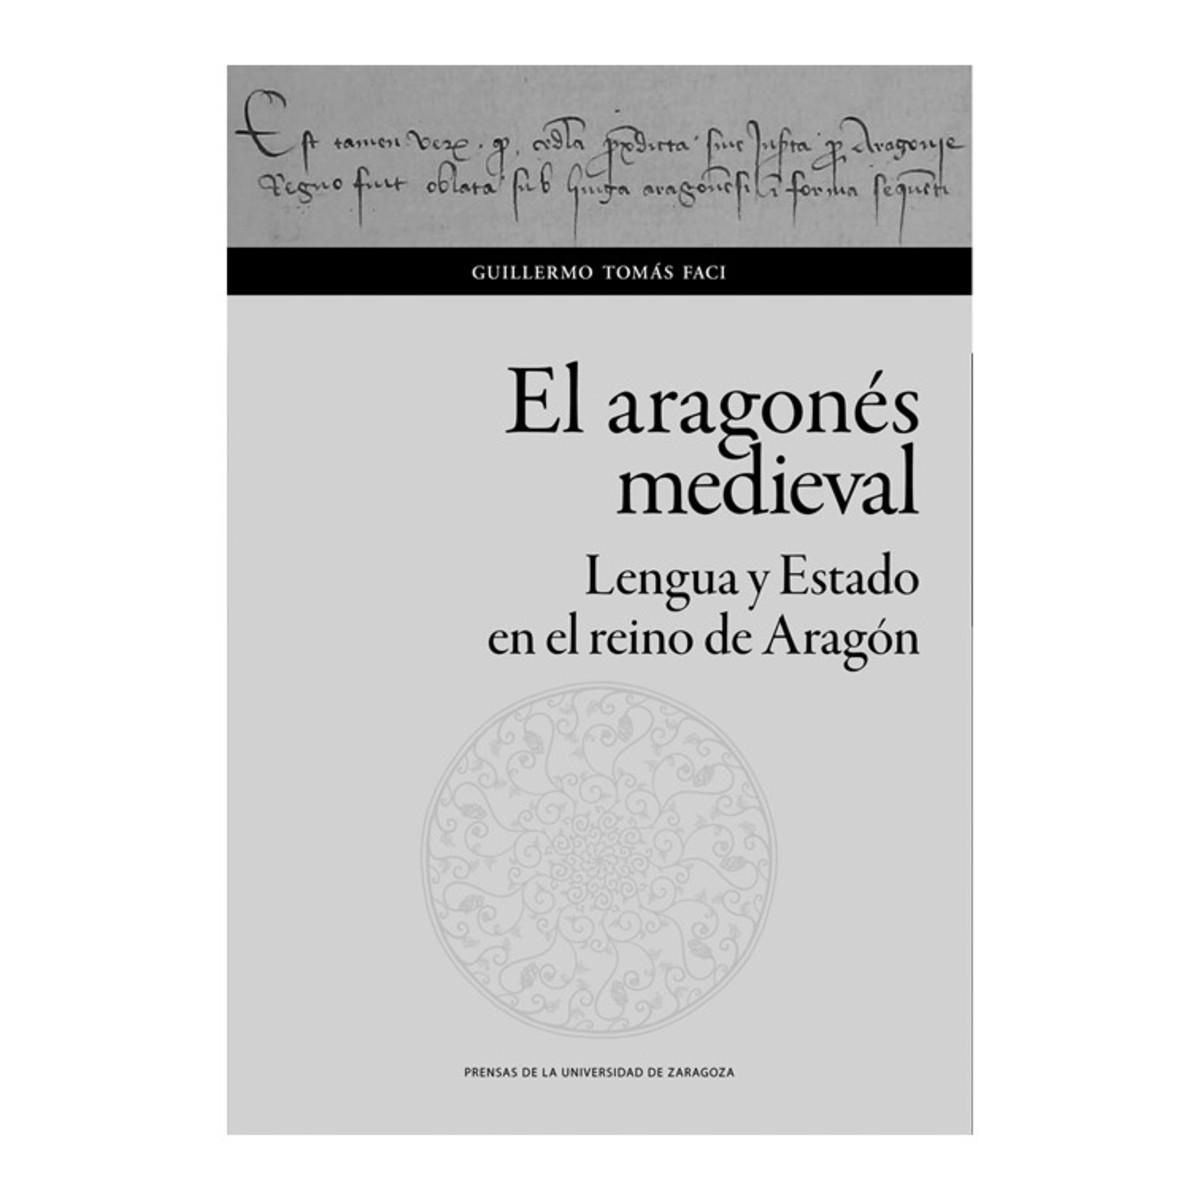 Libro El Aragonés medieval